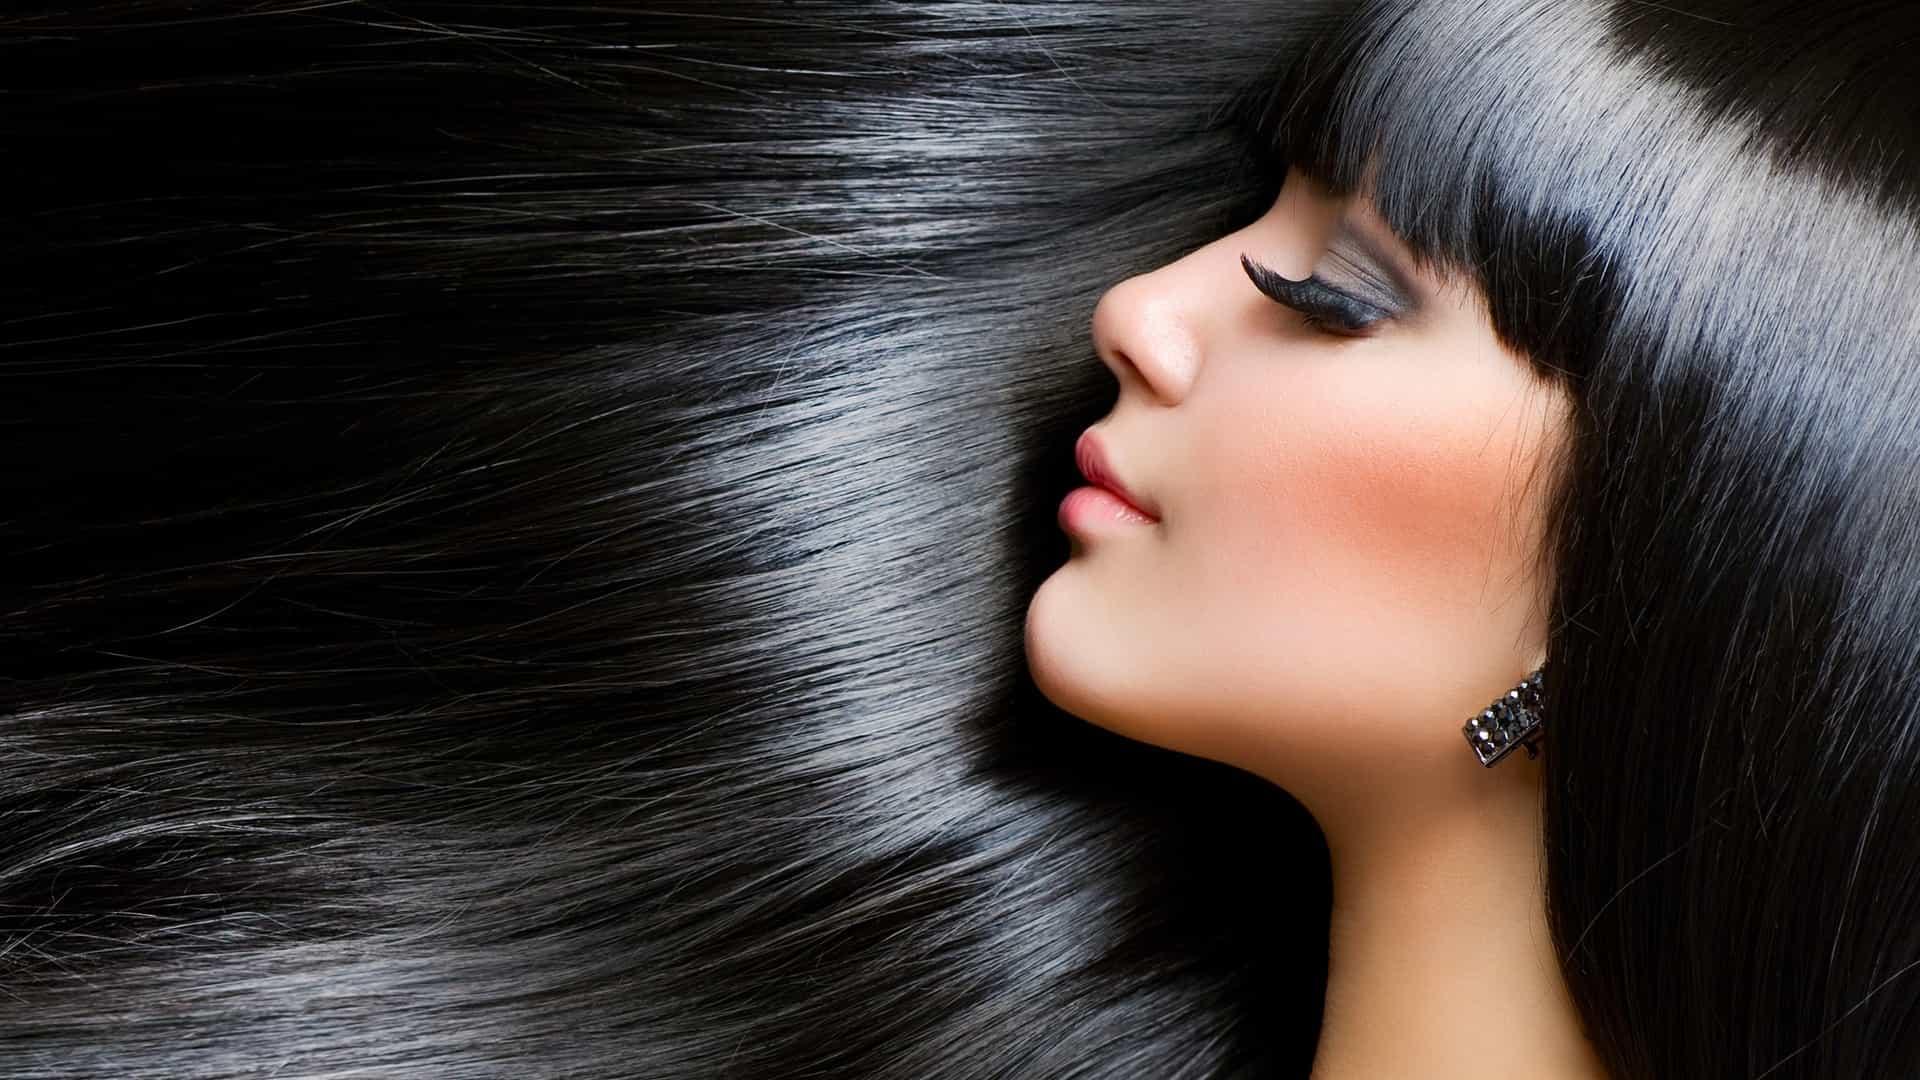 Кератиновое лечение волос в минске. доступные цены. профессиональная косметика. 222-27-61- звоните.